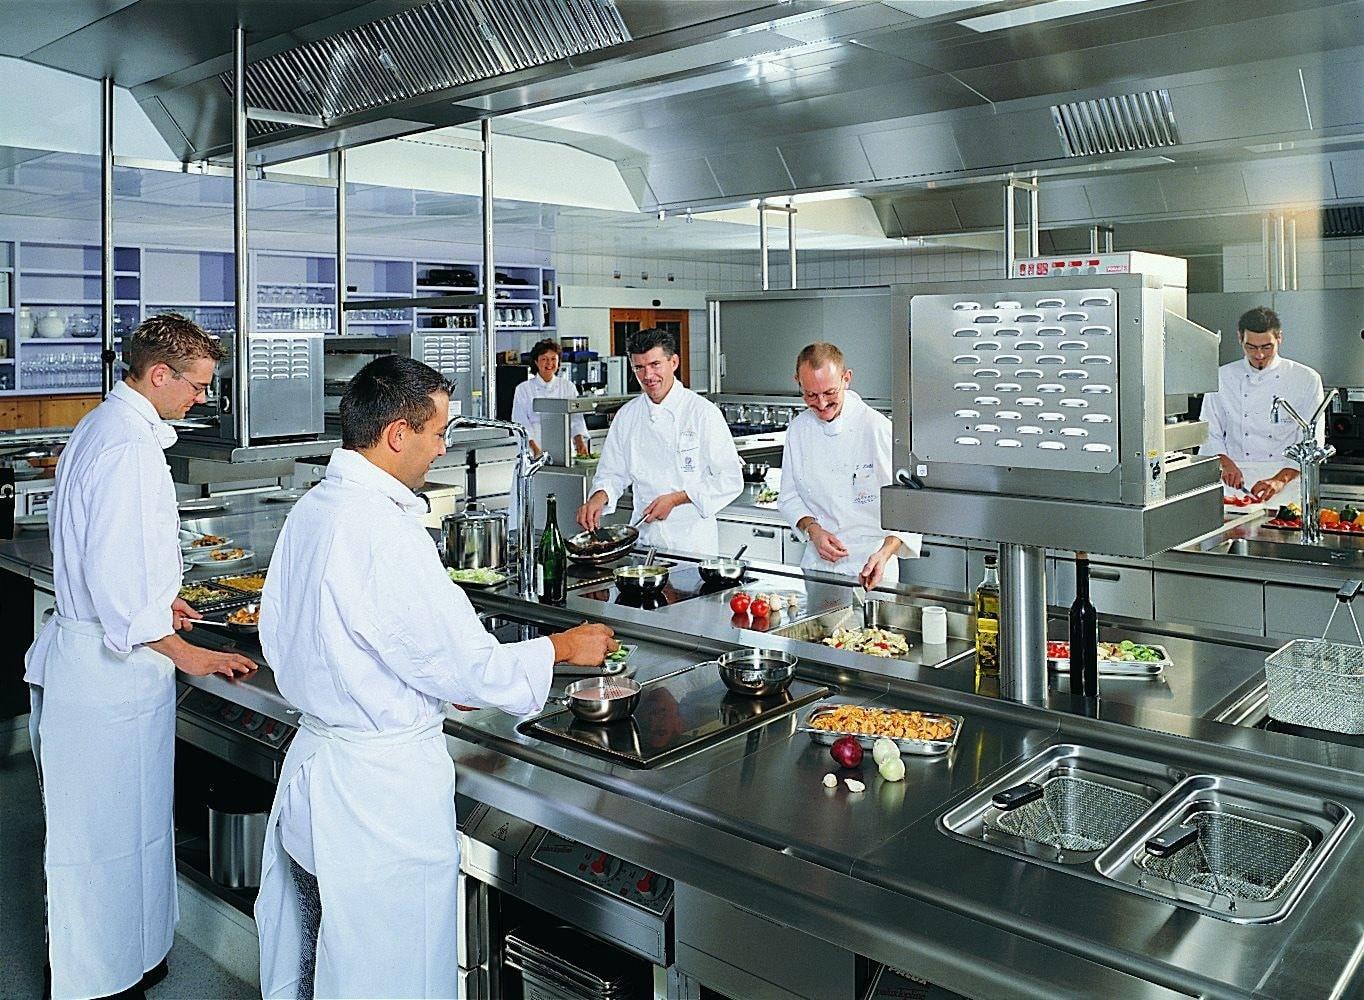 Lắp đặt bếp công nghiệp - Hệ thống thiết bị bếp công nghiệp chất lượng